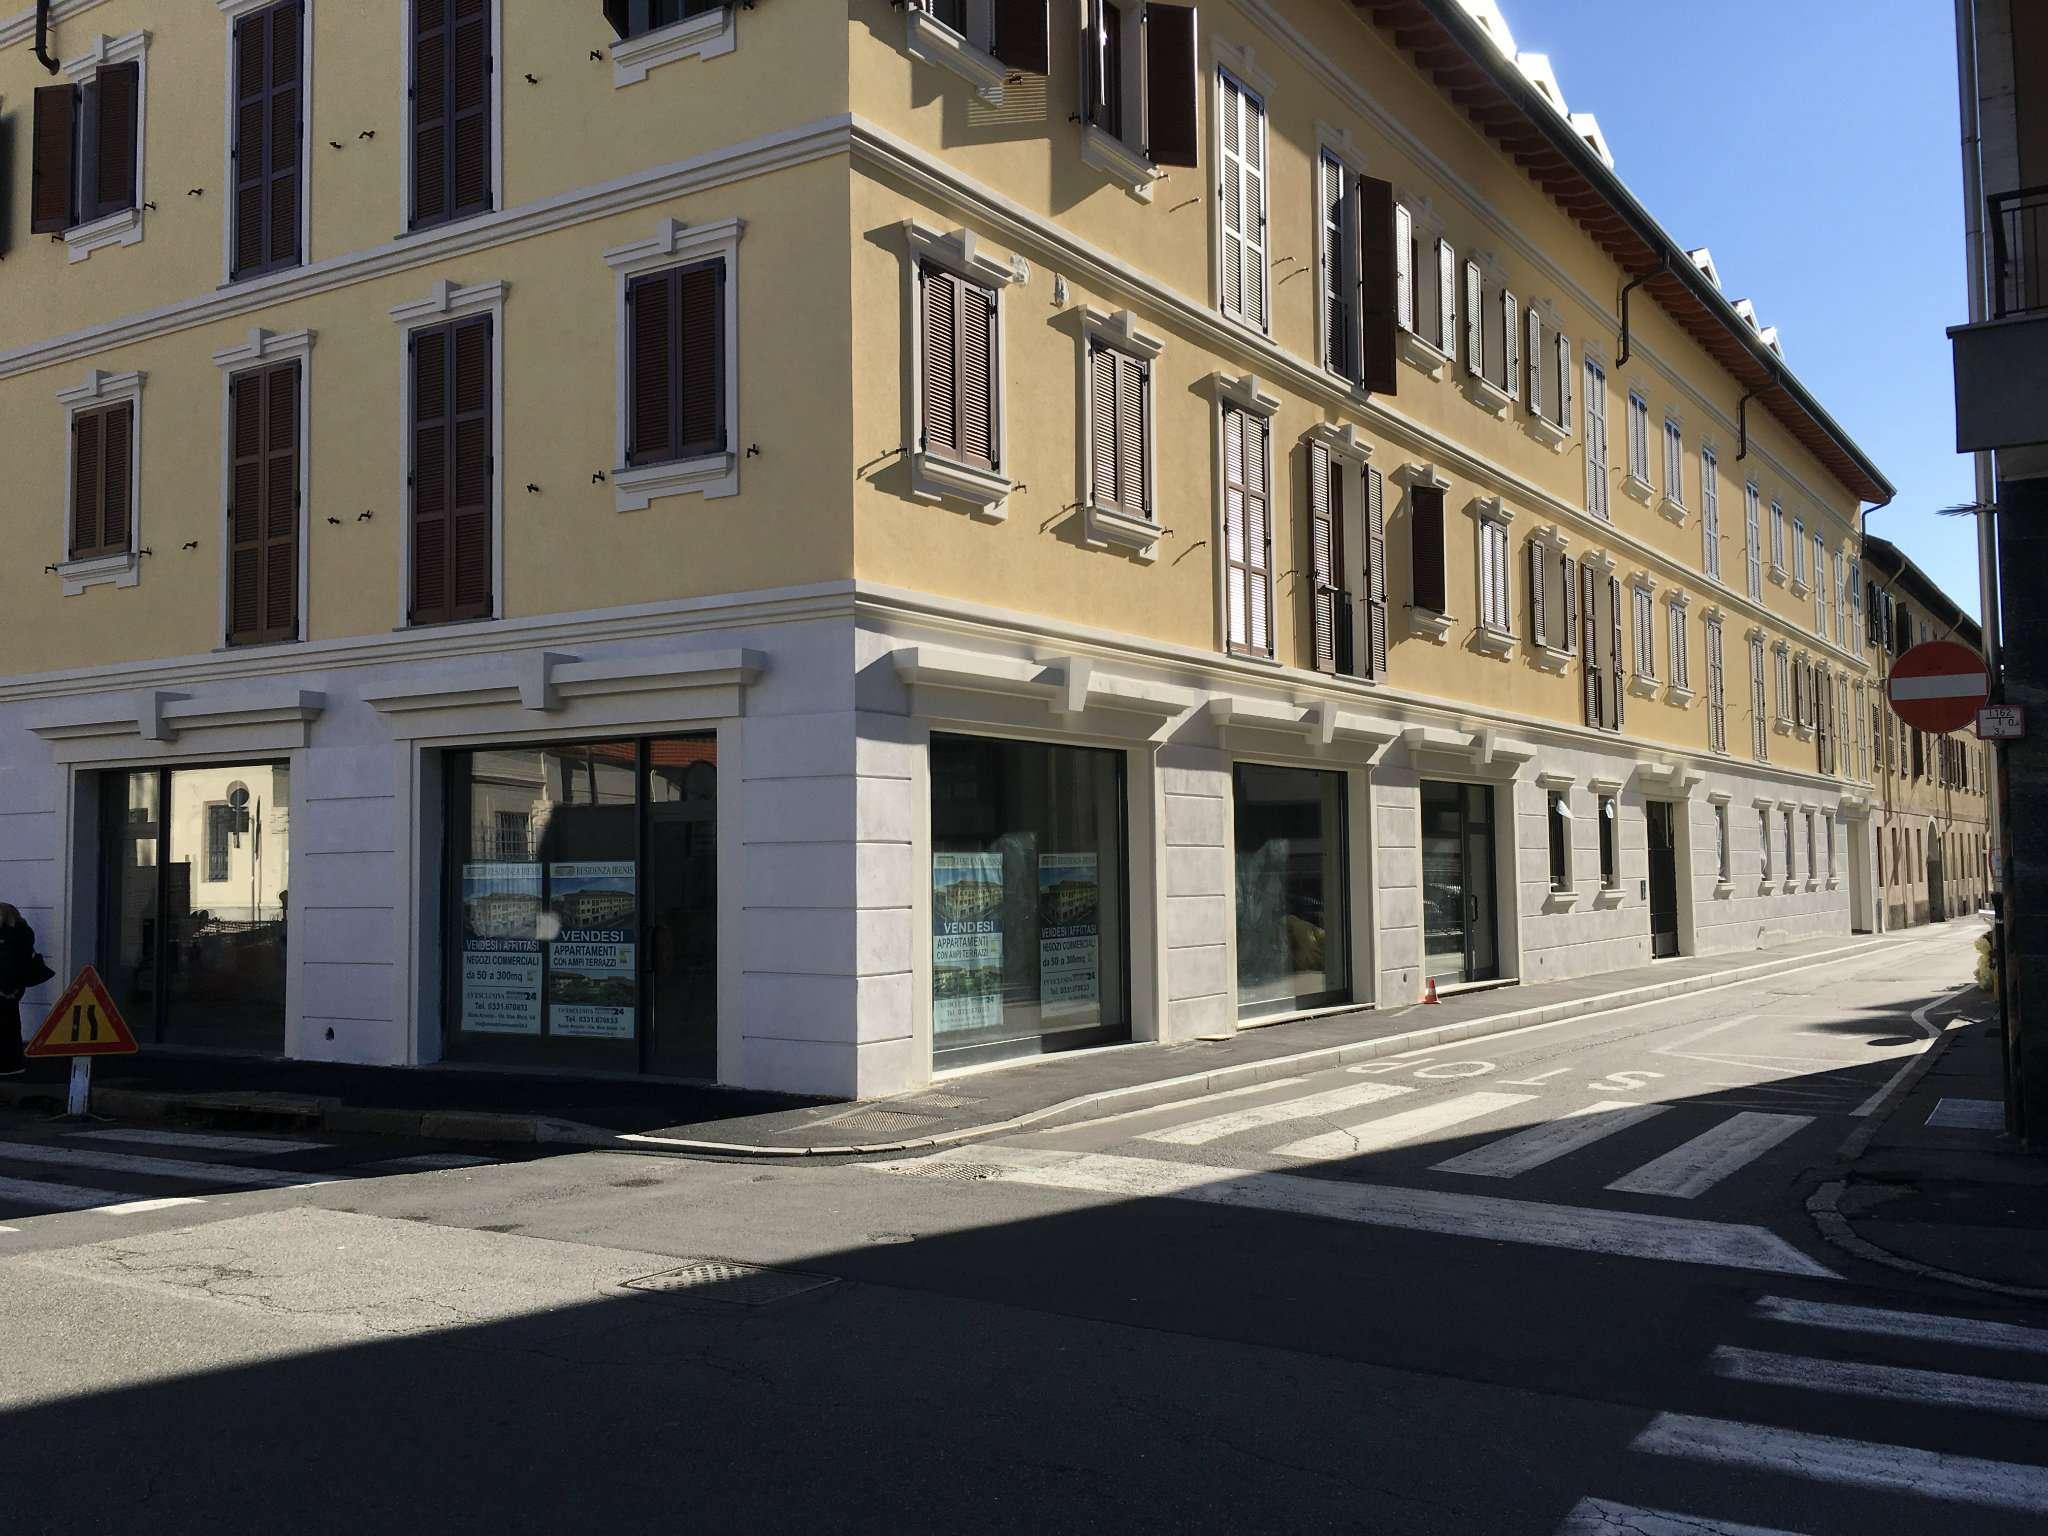 Negozio / Locale in vendita a Busto Arsizio, 1 locali, prezzo € 1.085.280 | PortaleAgenzieImmobiliari.it